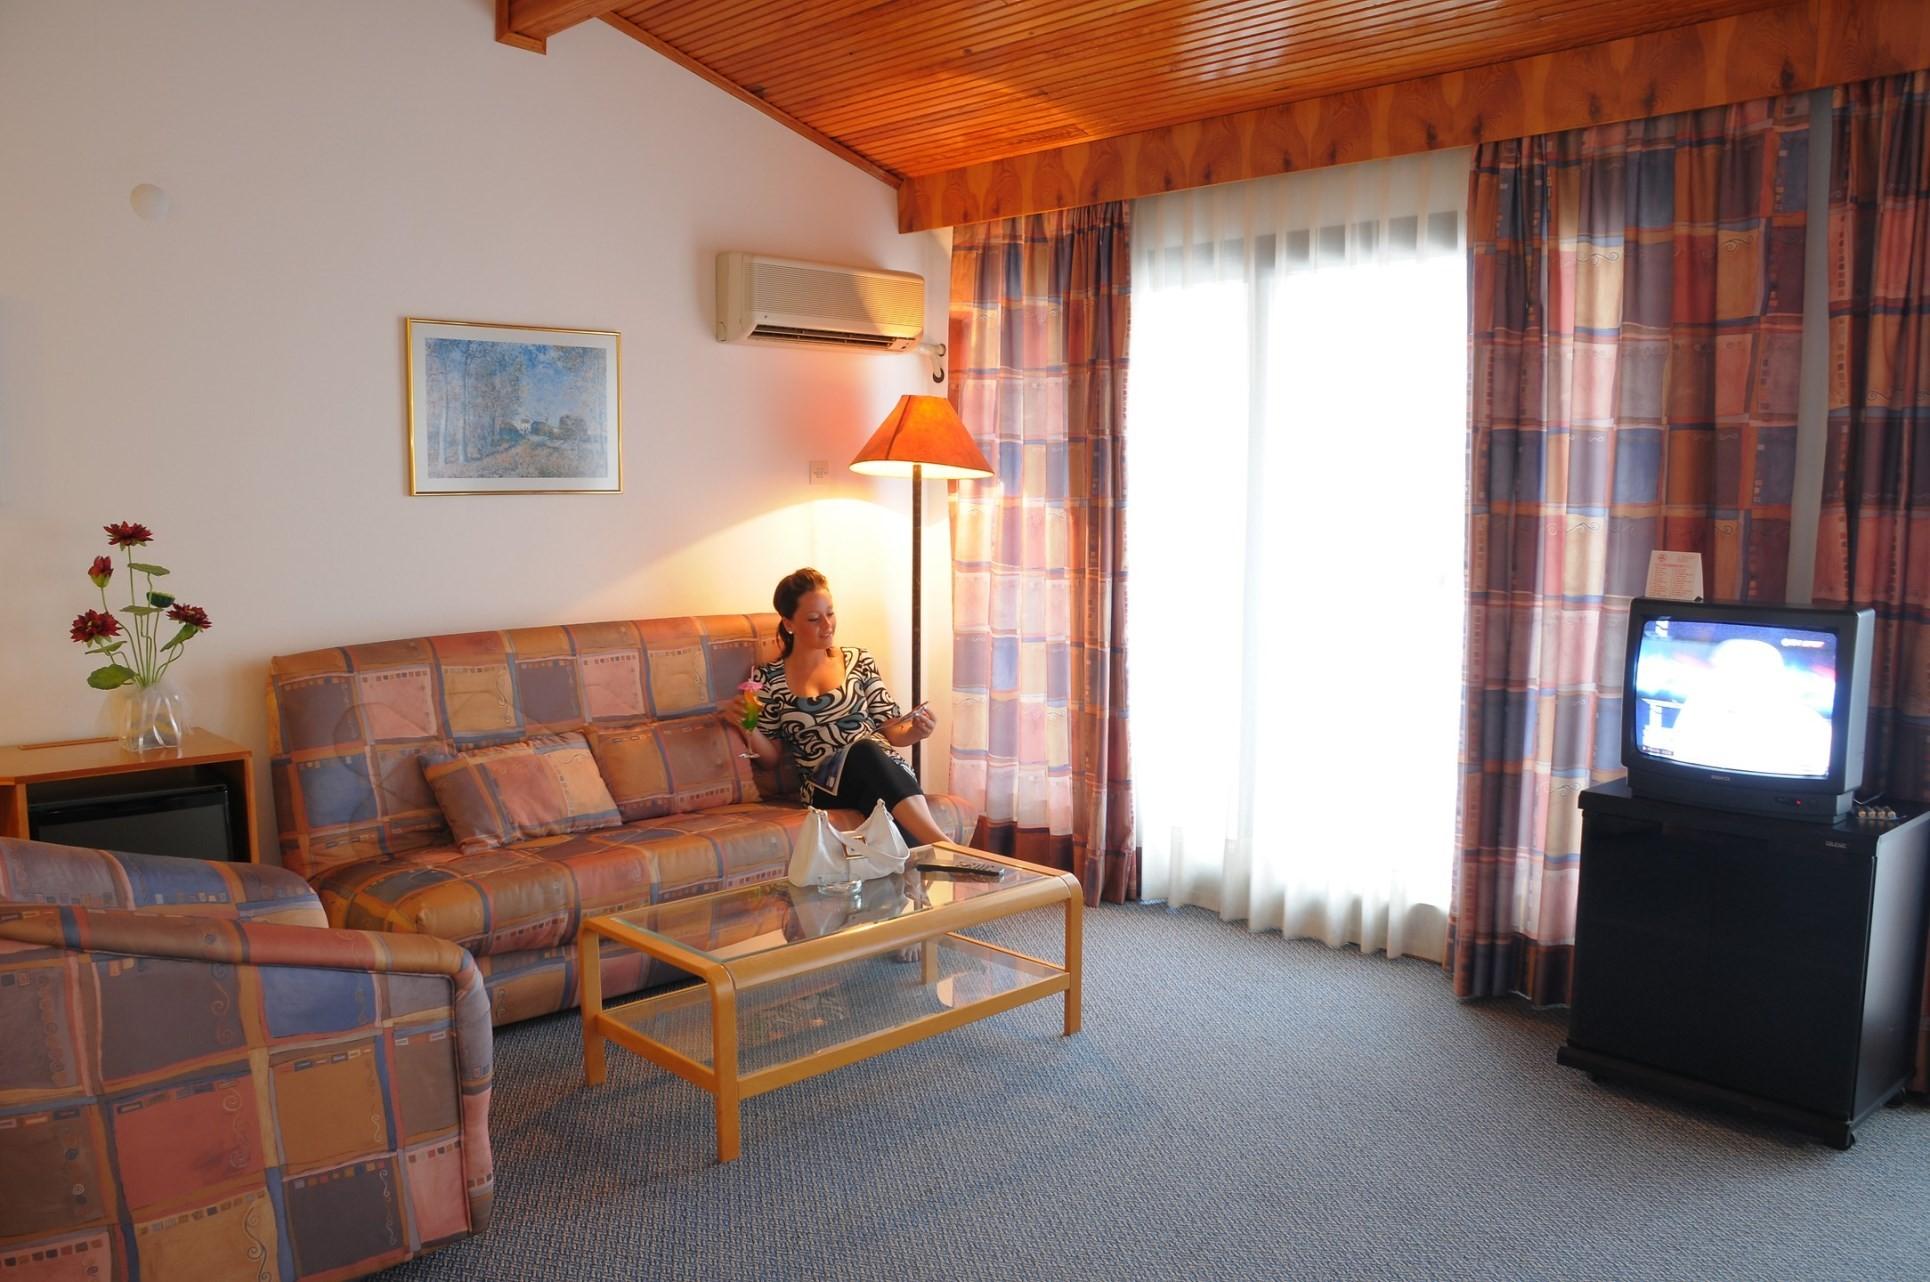 Club Hotel Grand Efe - стая